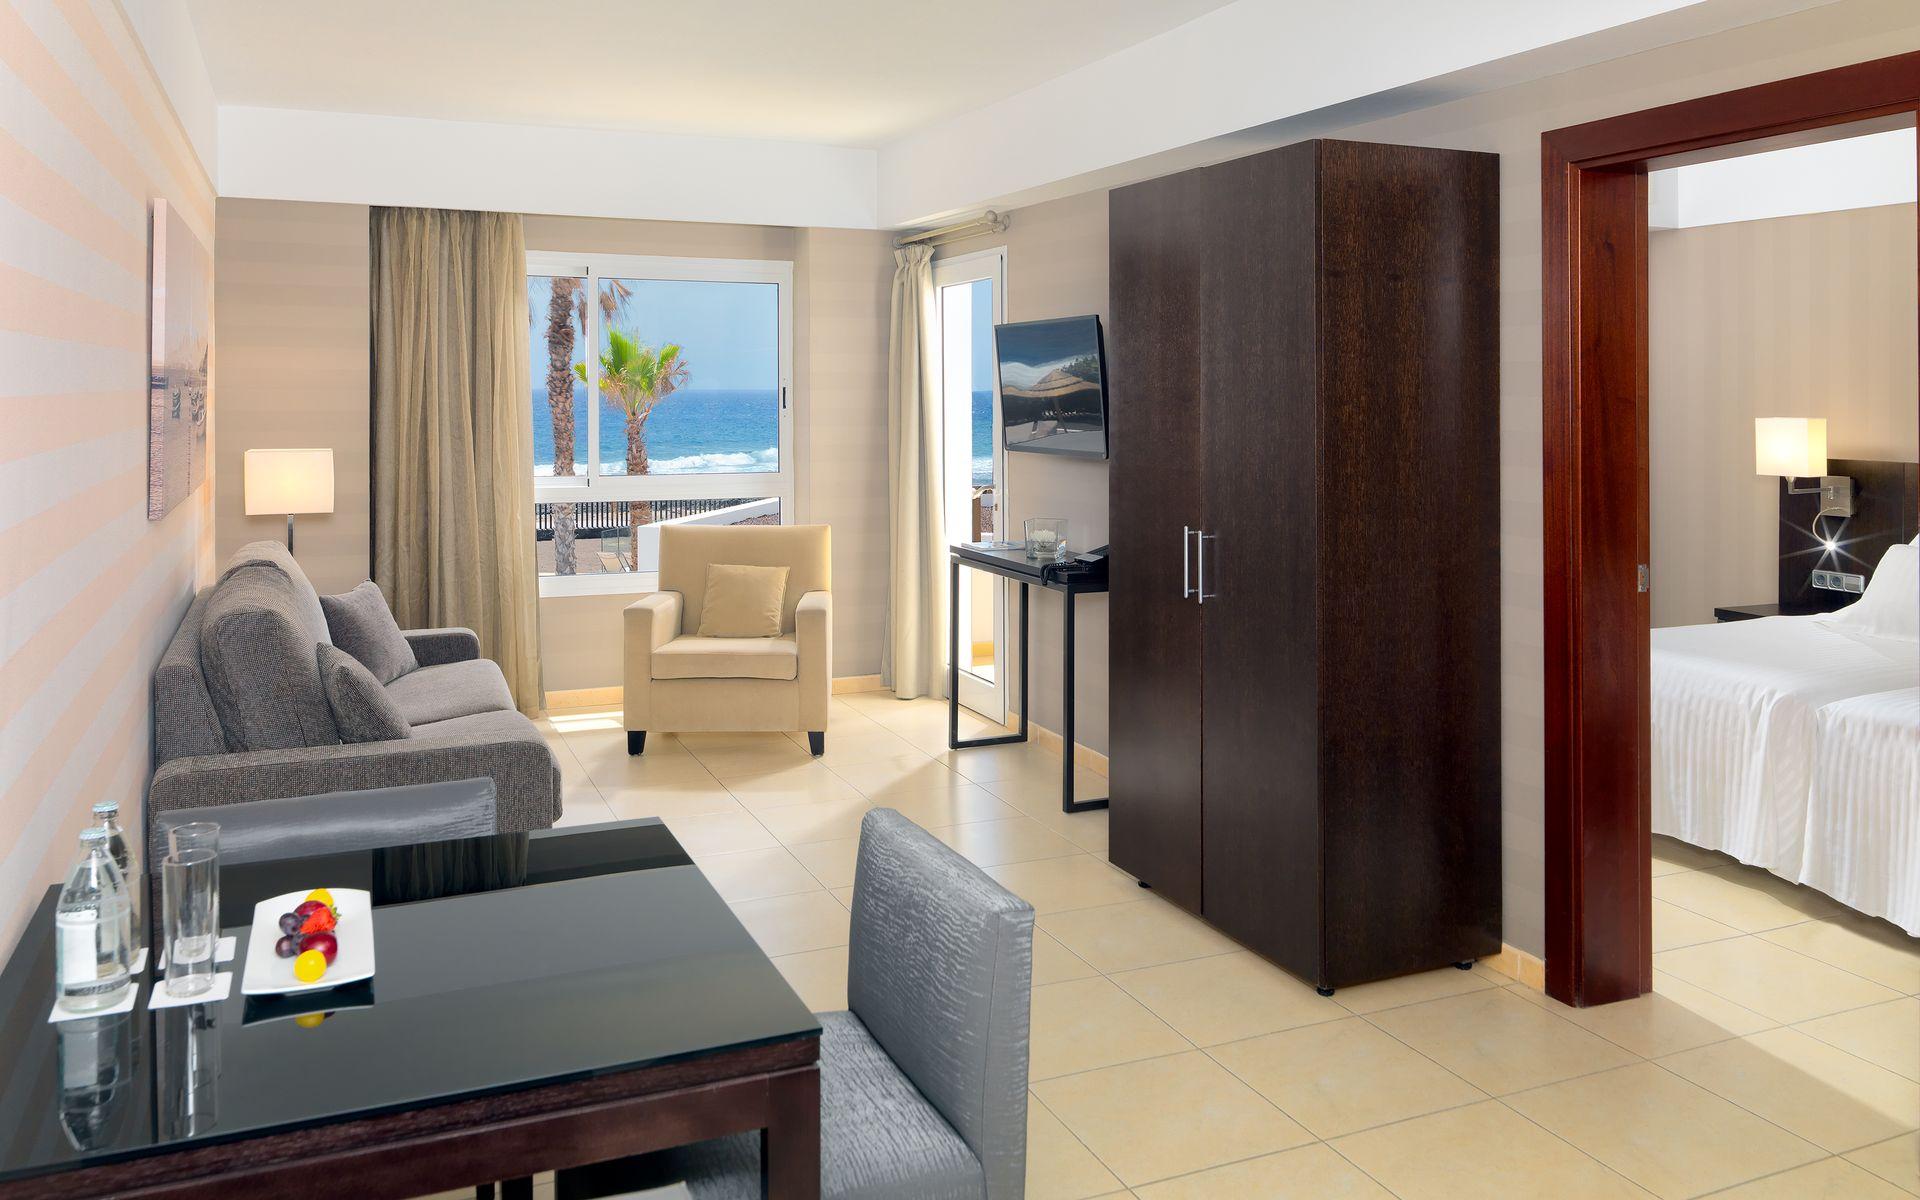 Hotel barcel castillo club premium en caleta de fuste - Television pequena plana ...